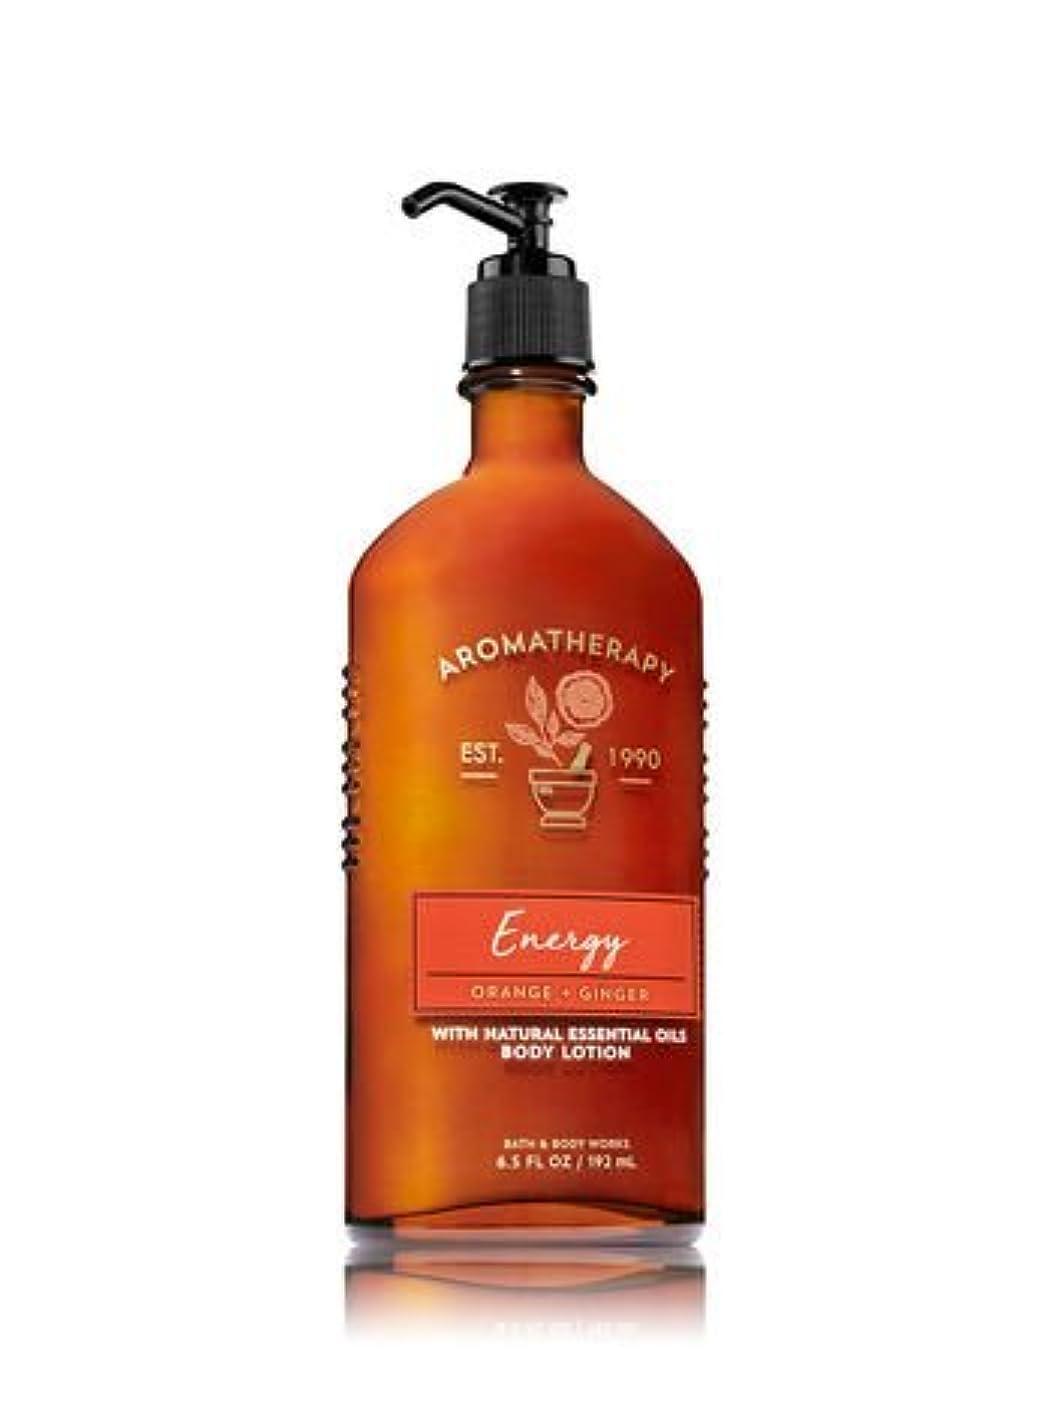 祈り頻繁にオン【Bath&Body Works/バス&ボディワークス】 ボディローション アロマセラピー エナジー オレンジジンジャー Body Lotion Aromatherapy Energy Orange Ginger 6.5 fl oz / 192 mL [並行輸入品]